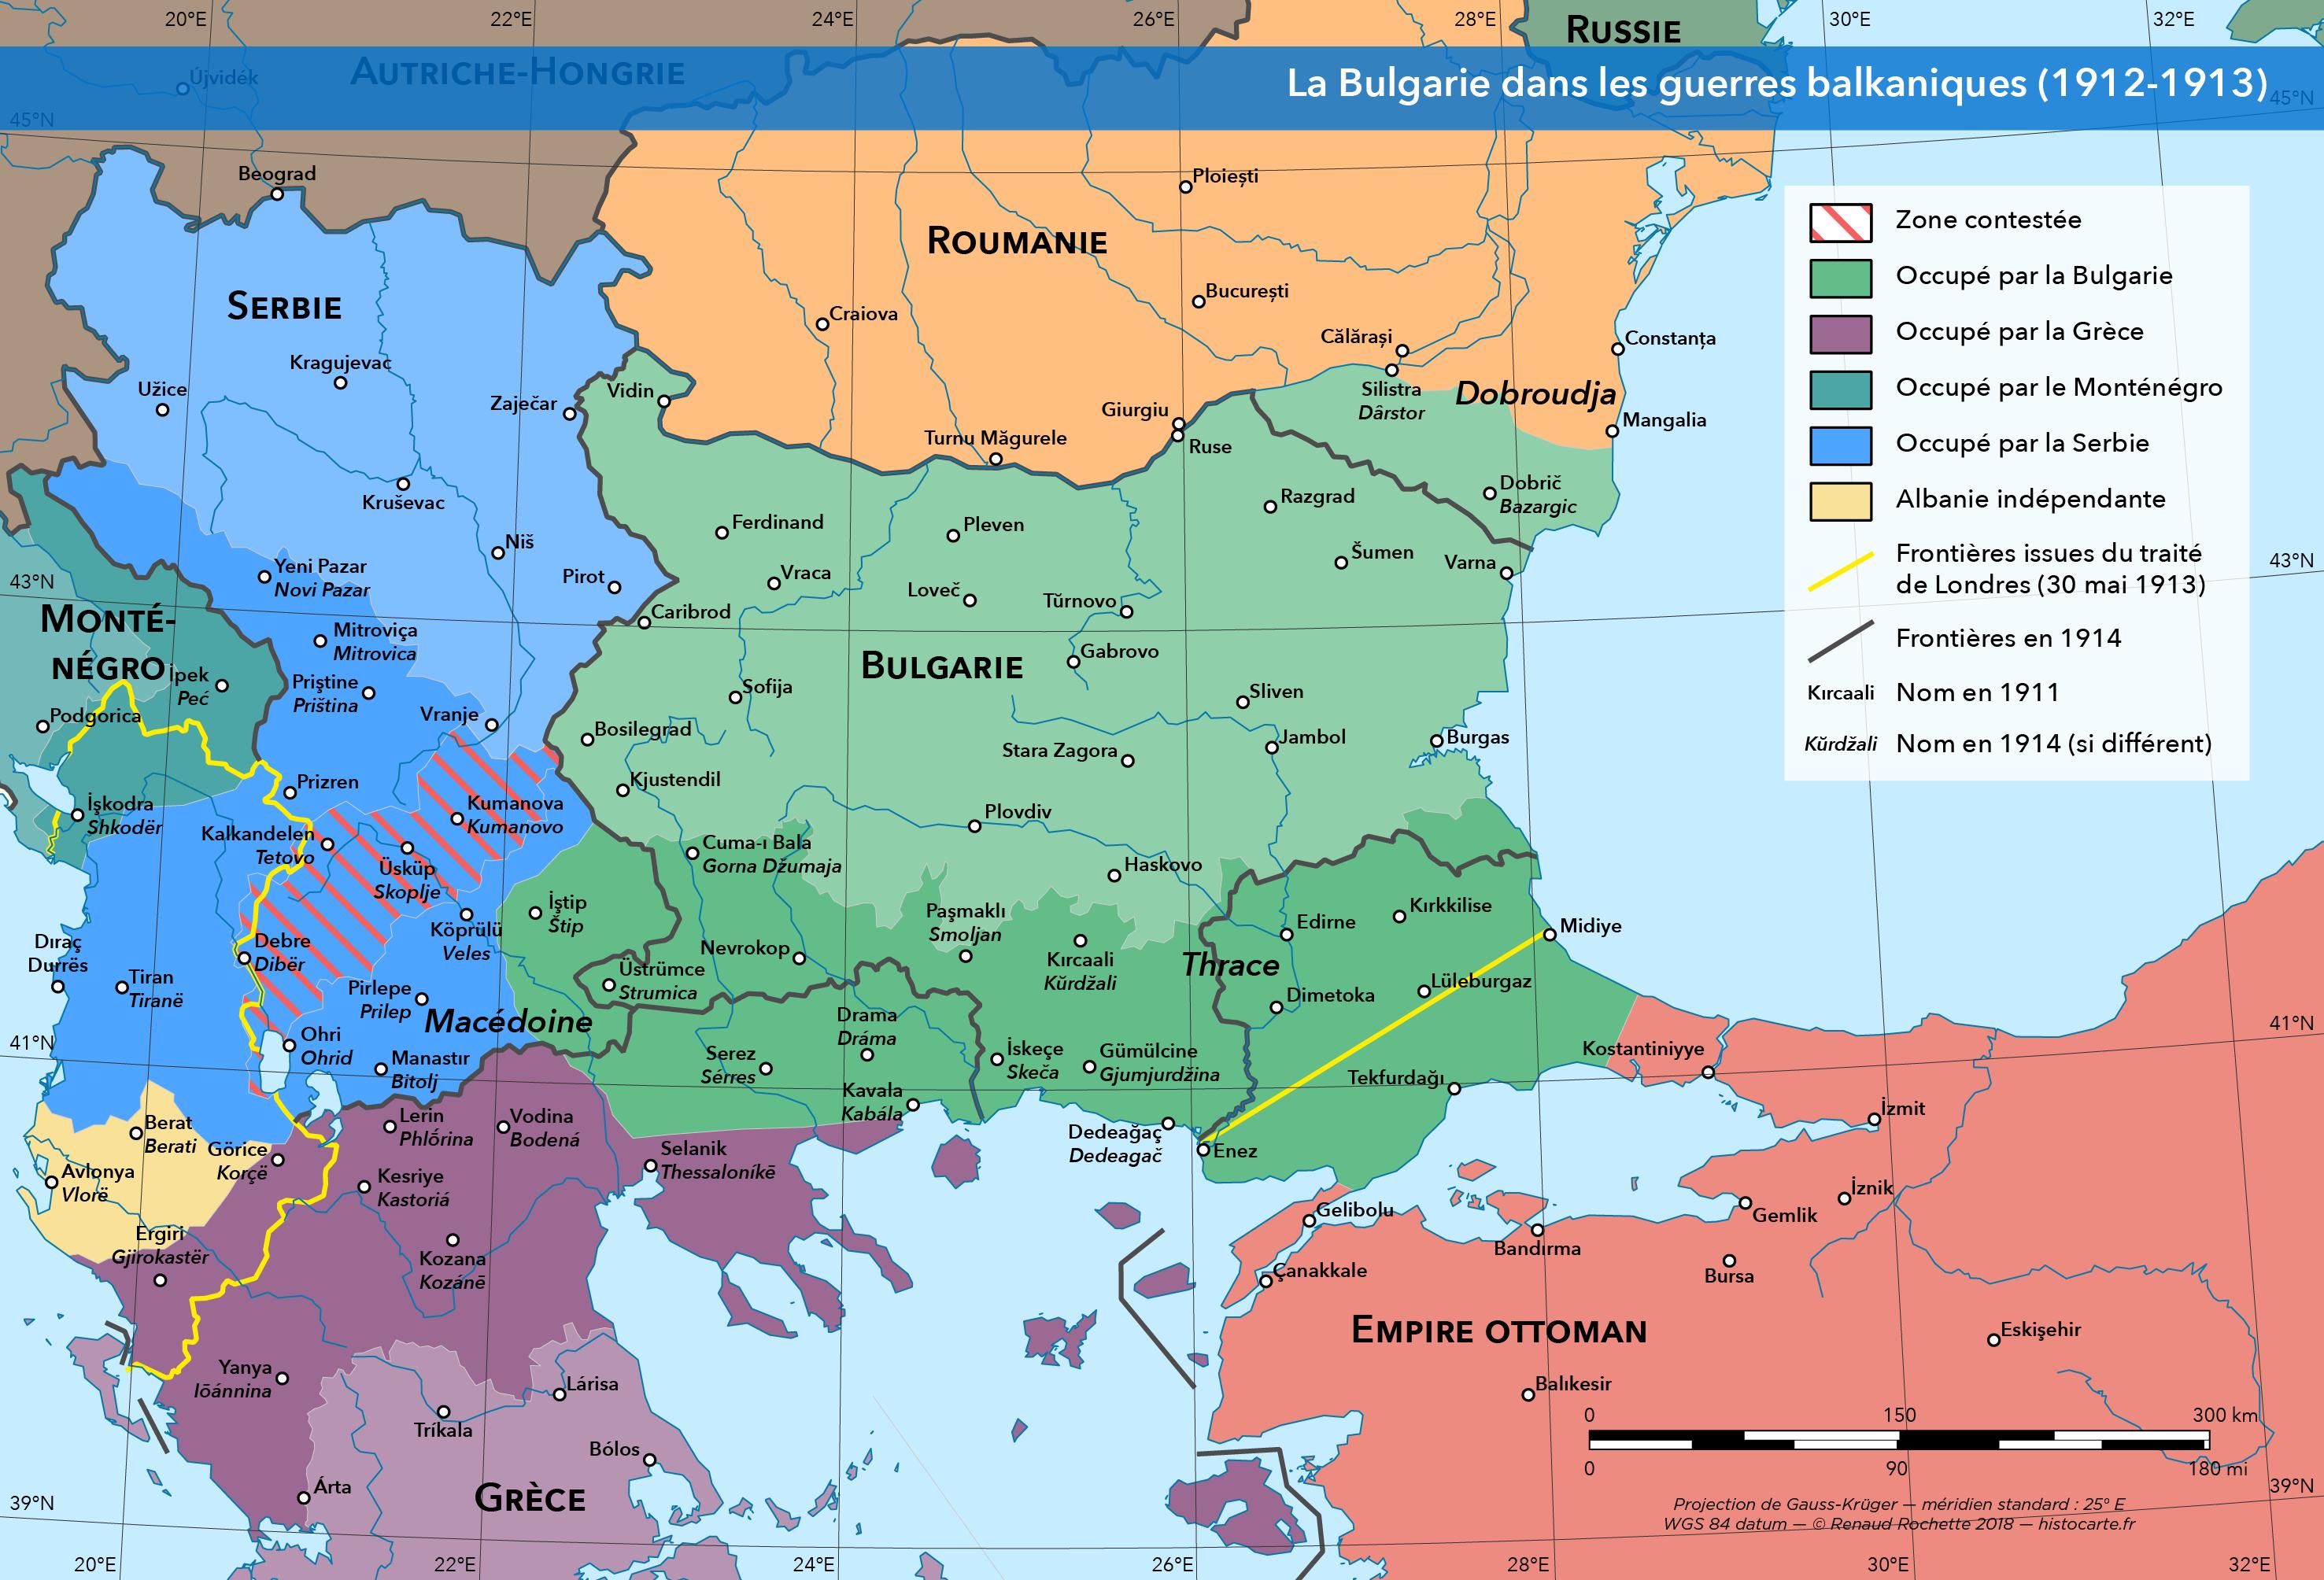 La Bulgarie pendant les guerres balkaniques